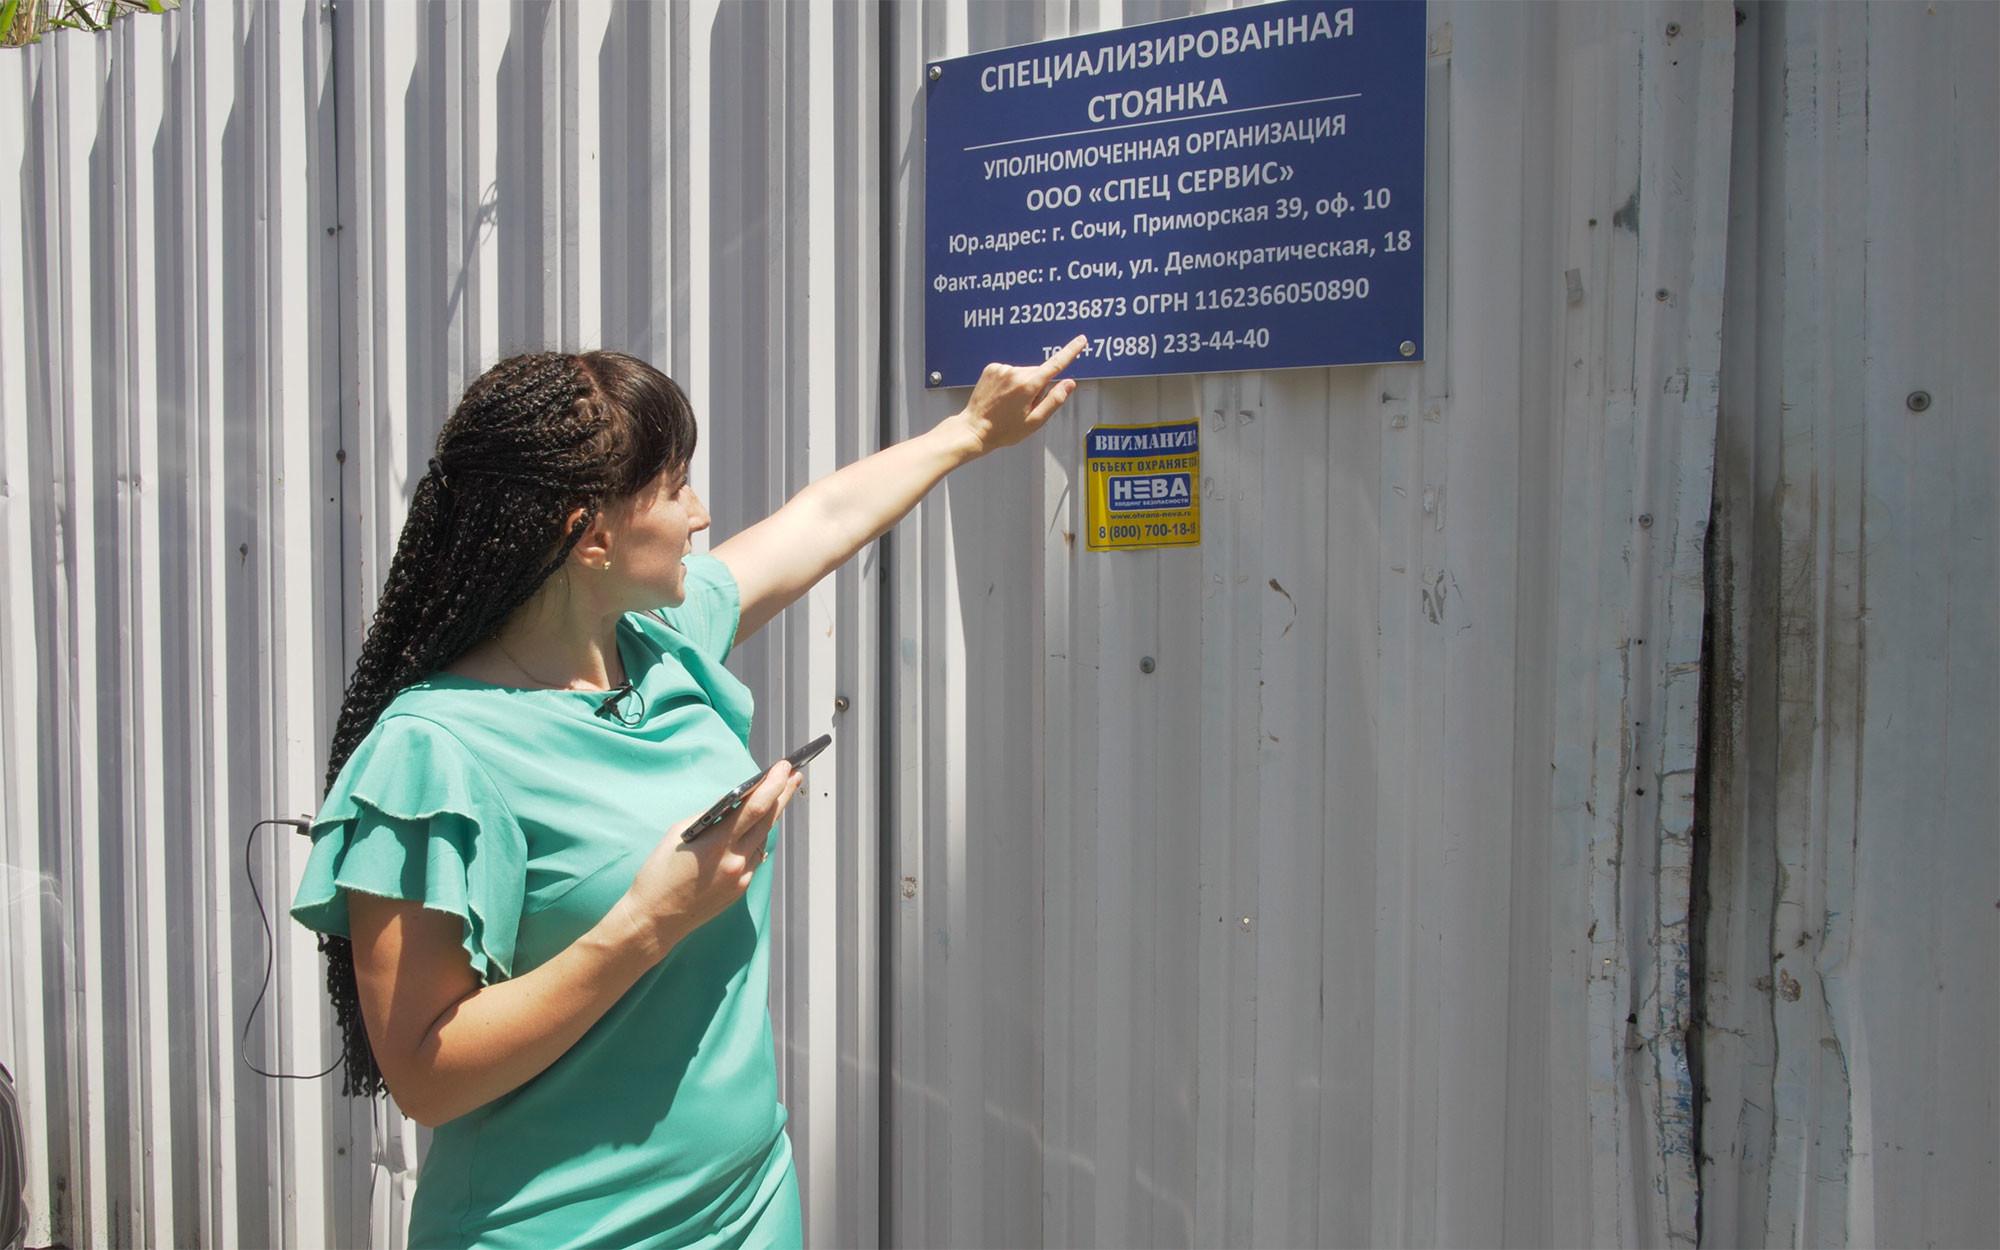 Елена указывает на табличку с изменёнными регистрационными данными. Фото: © L!FE